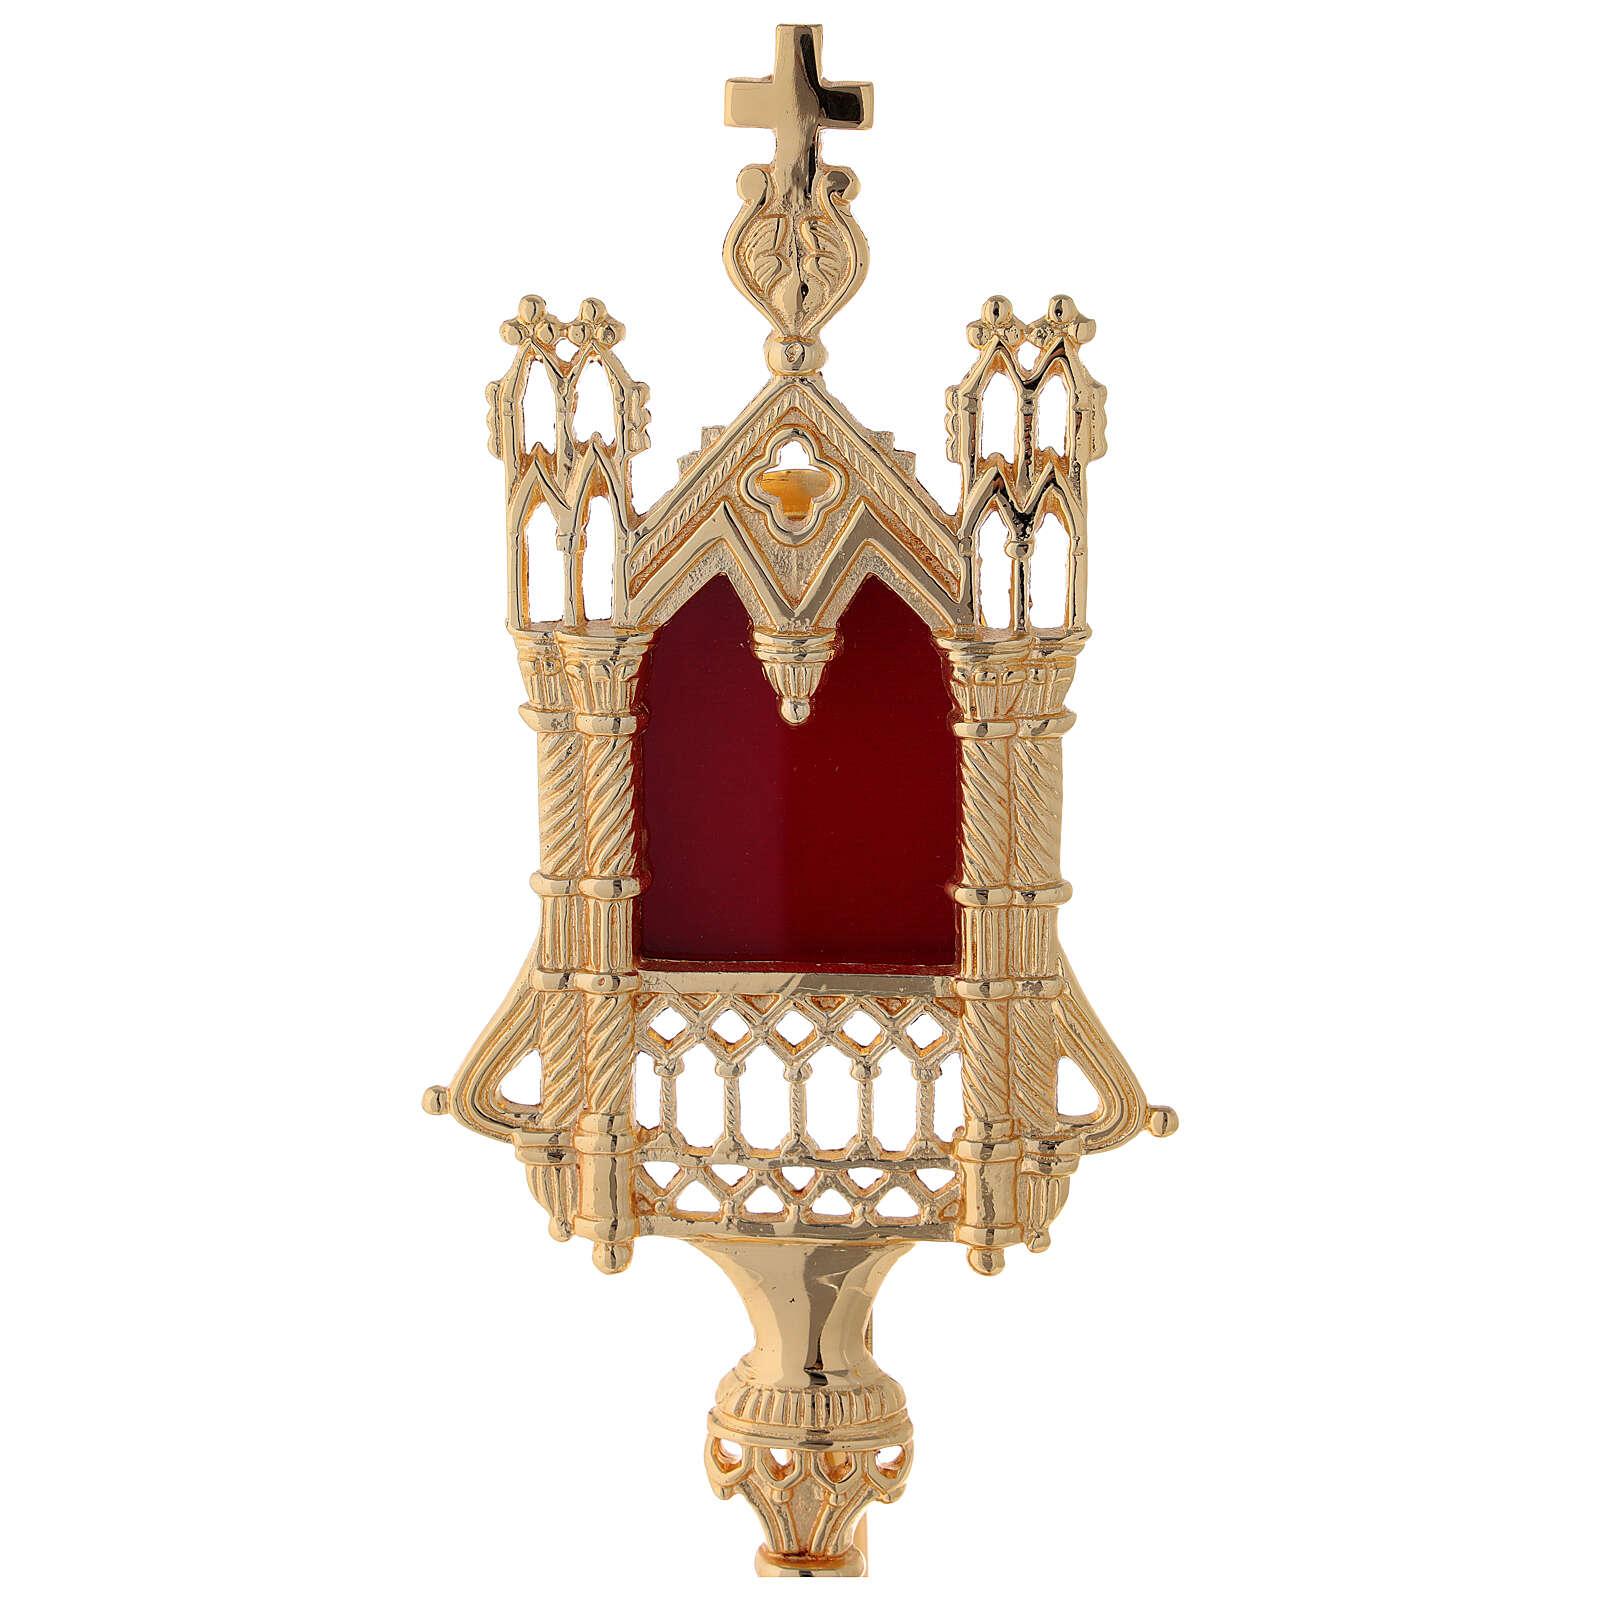 Reliquiario neogotico ottone dorato altezza 28 cm 4